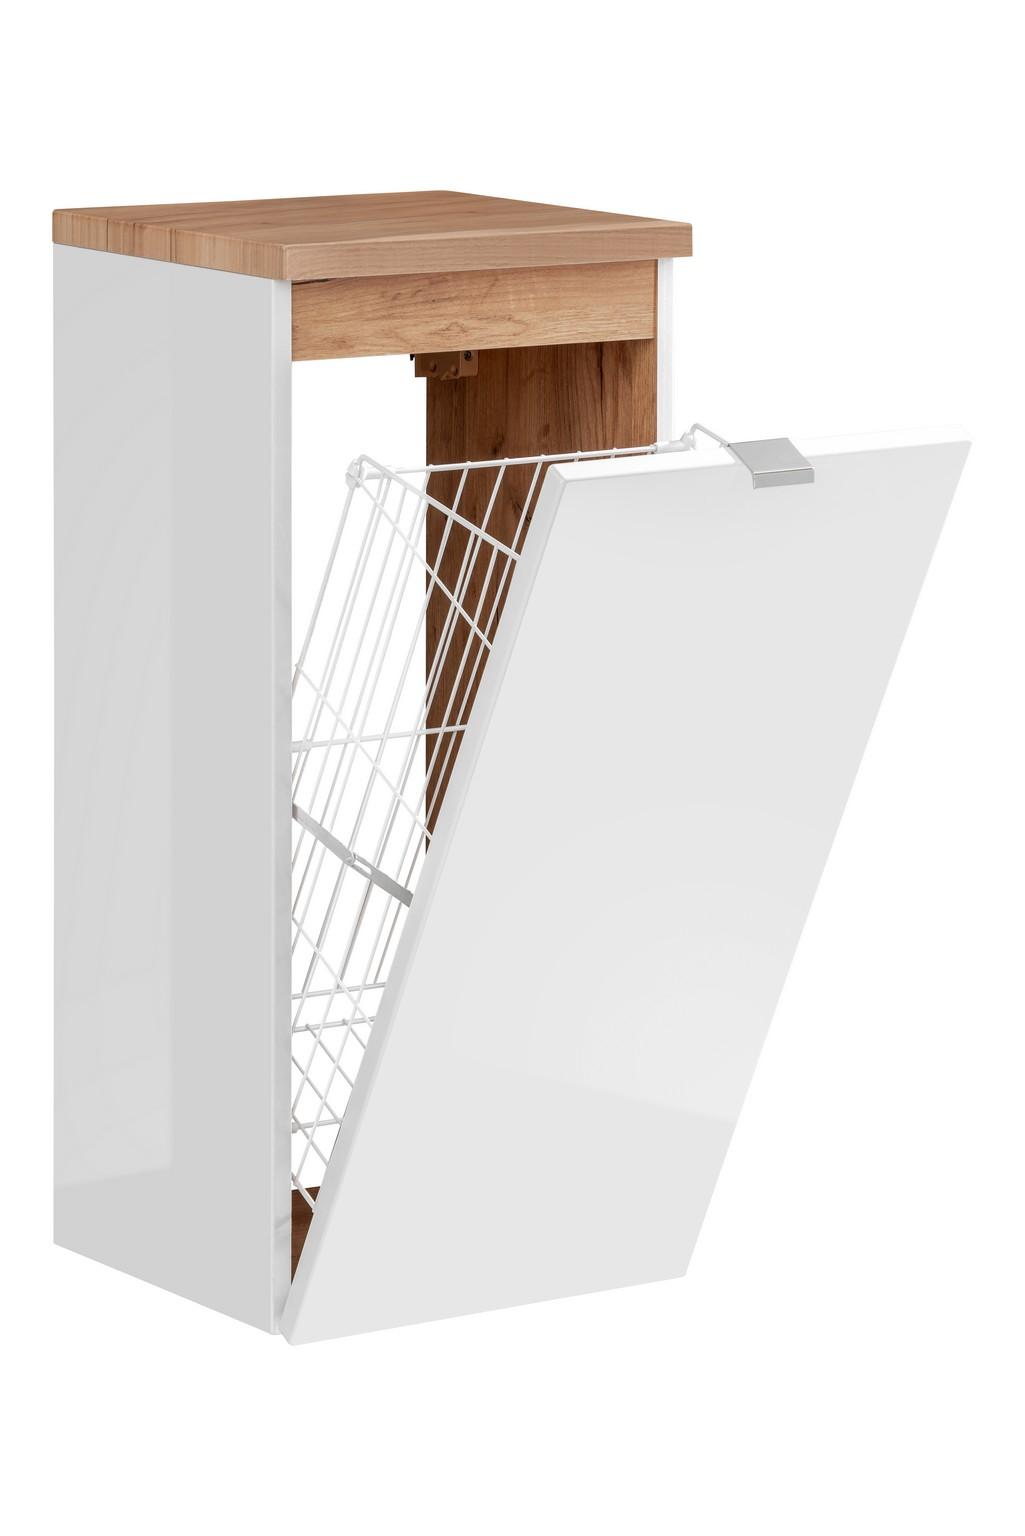 ArtCom Kúpeľňová zostava Capri   biela Capri   biela: Nízka spodná skrinka s košom 811